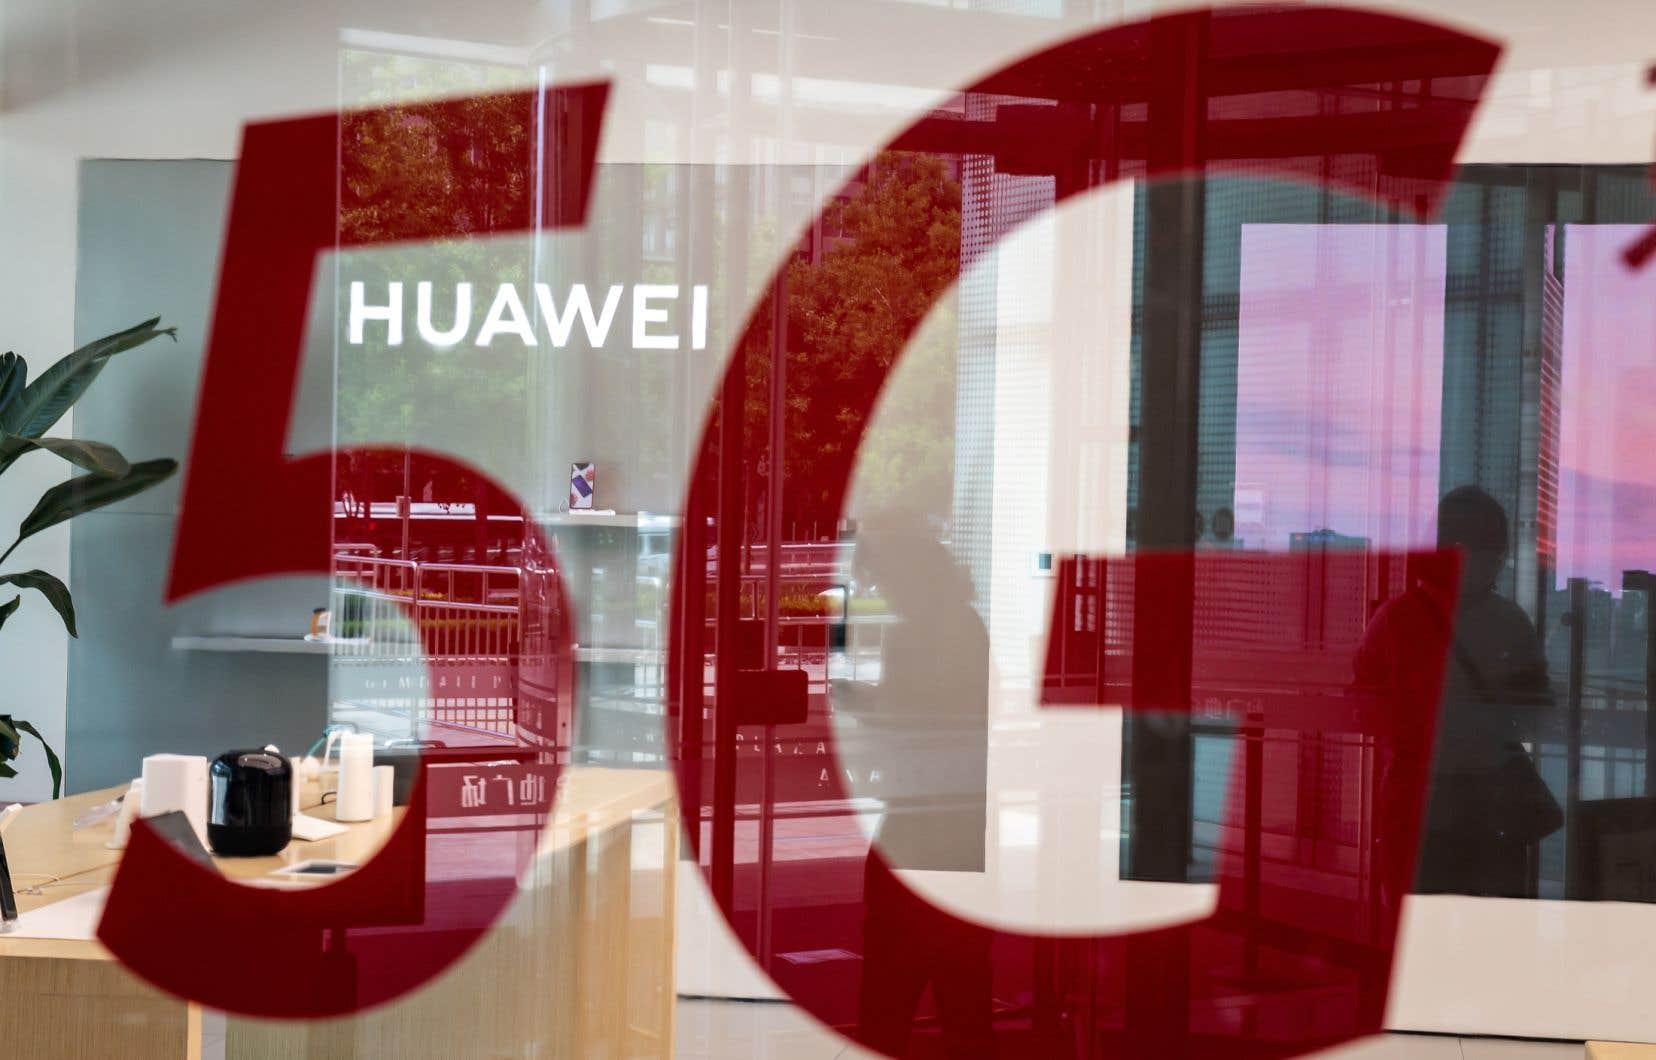 Le Royaume-Uni a annoncé qu'il allait exclure de son réseau 5G tout équipement produit par le géant chinois Huawei en raison d'un risque pour la sécurité du pays.